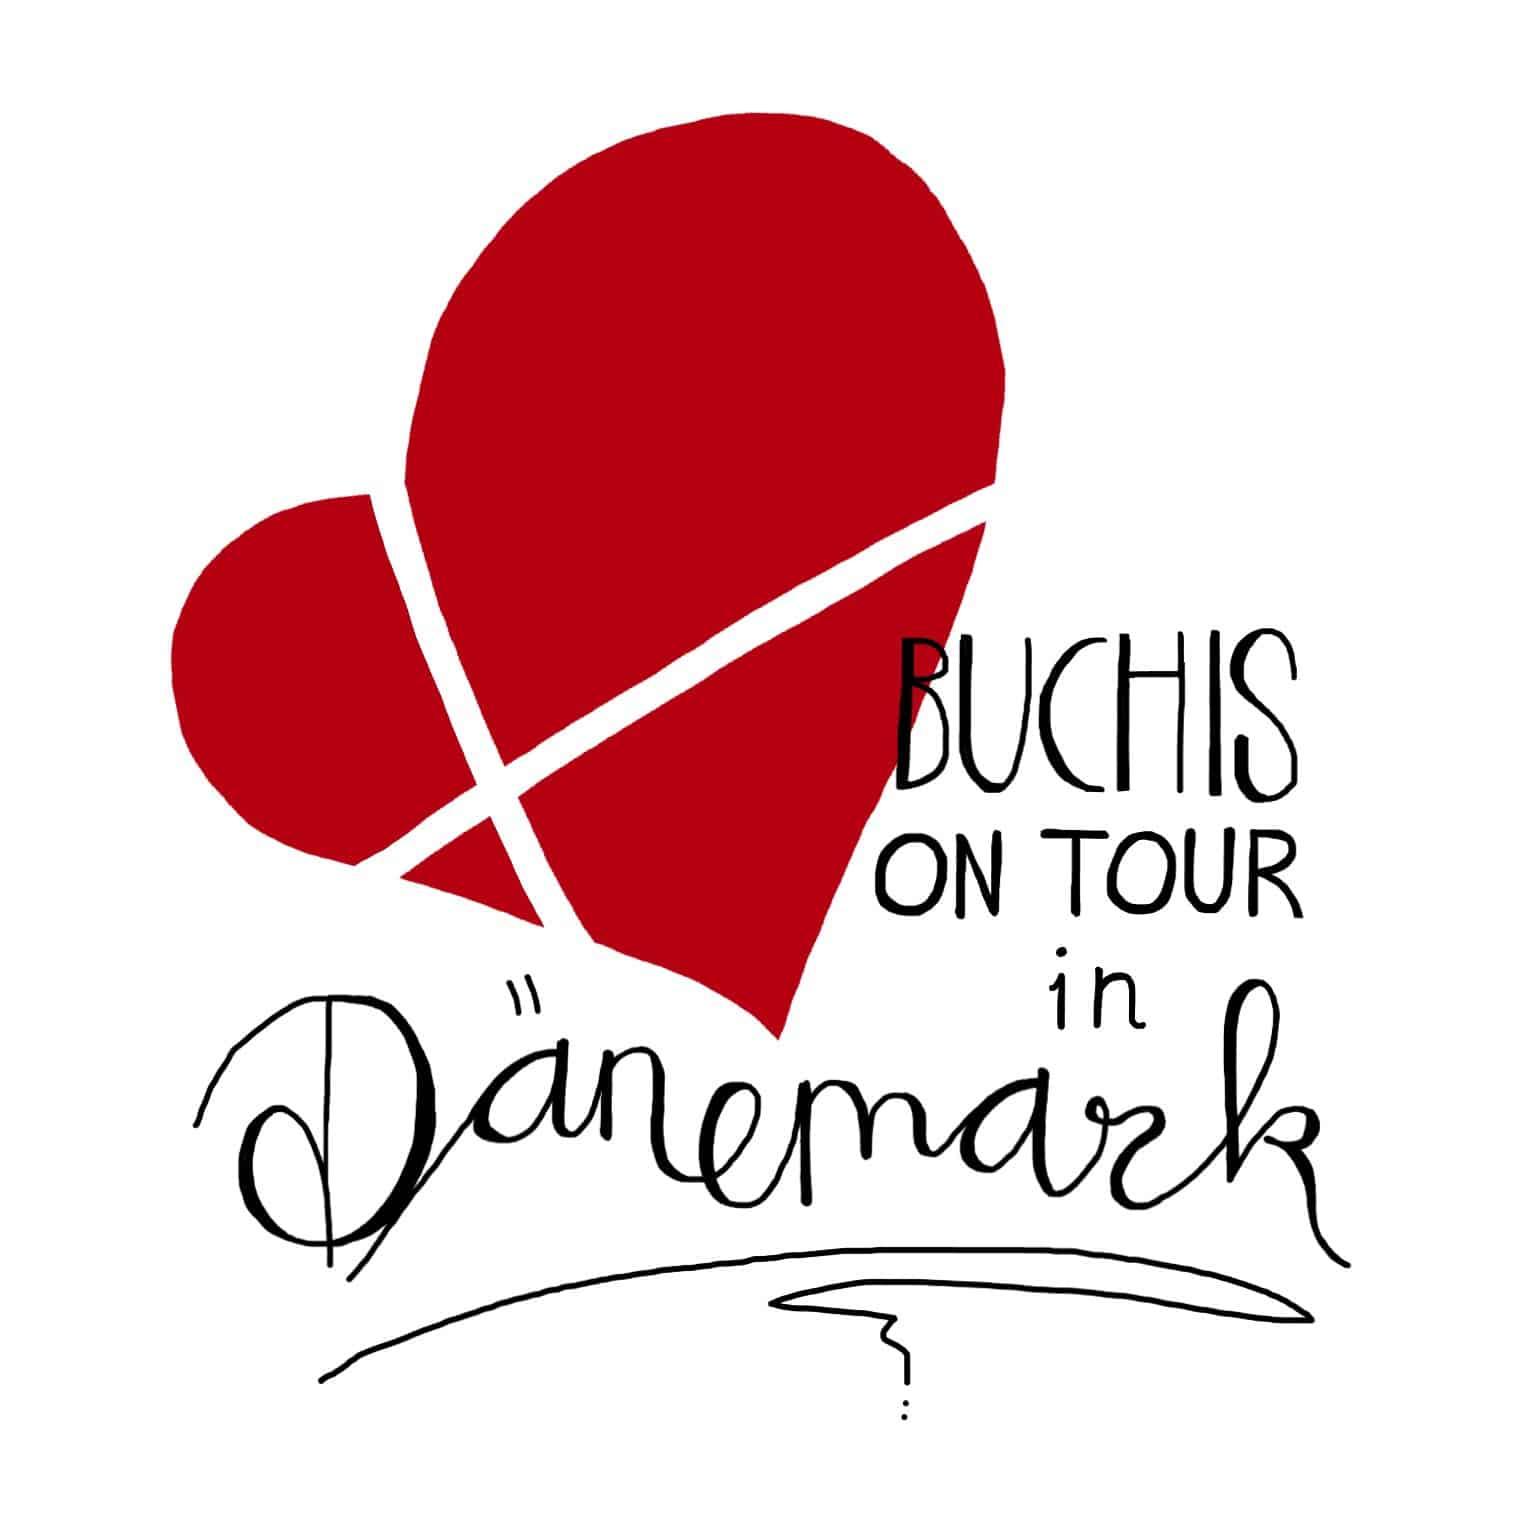 Reise-Wohnmobil-Daenemark-Buchis-on-Tour